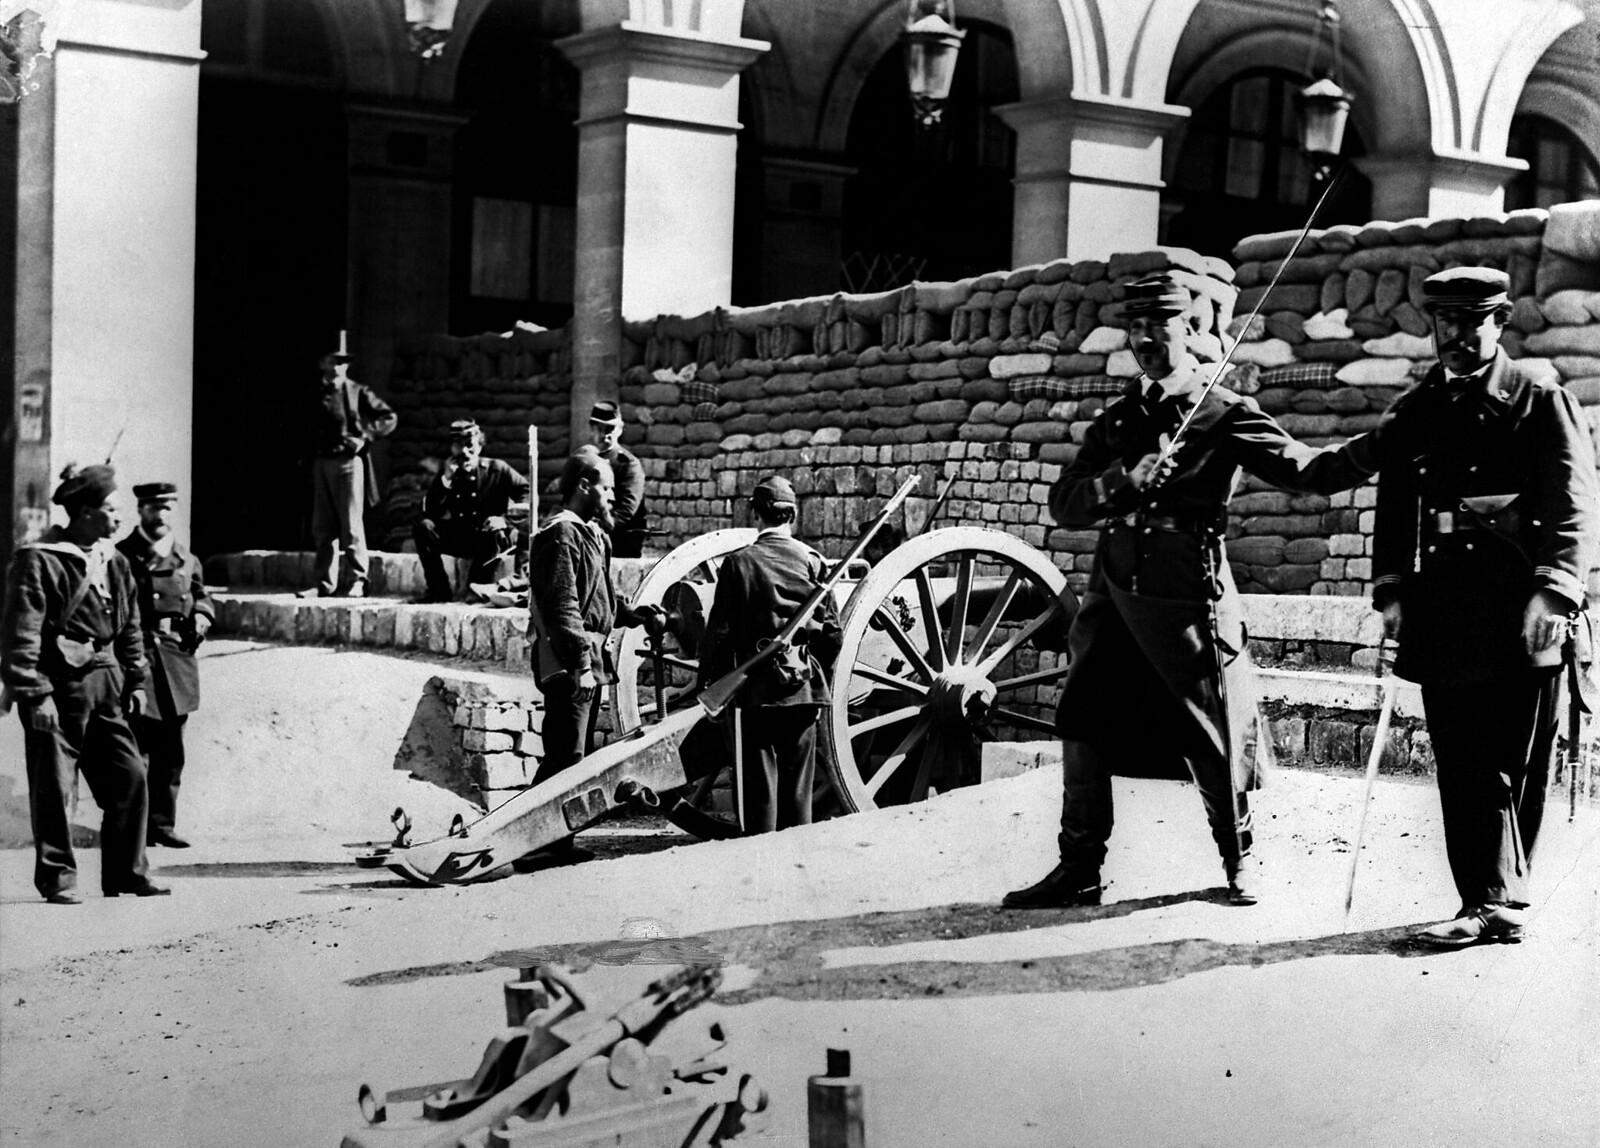 10. 1870. Солдаты за баррикадой на улице Кастильоне в Париже во время франко-прусской войны